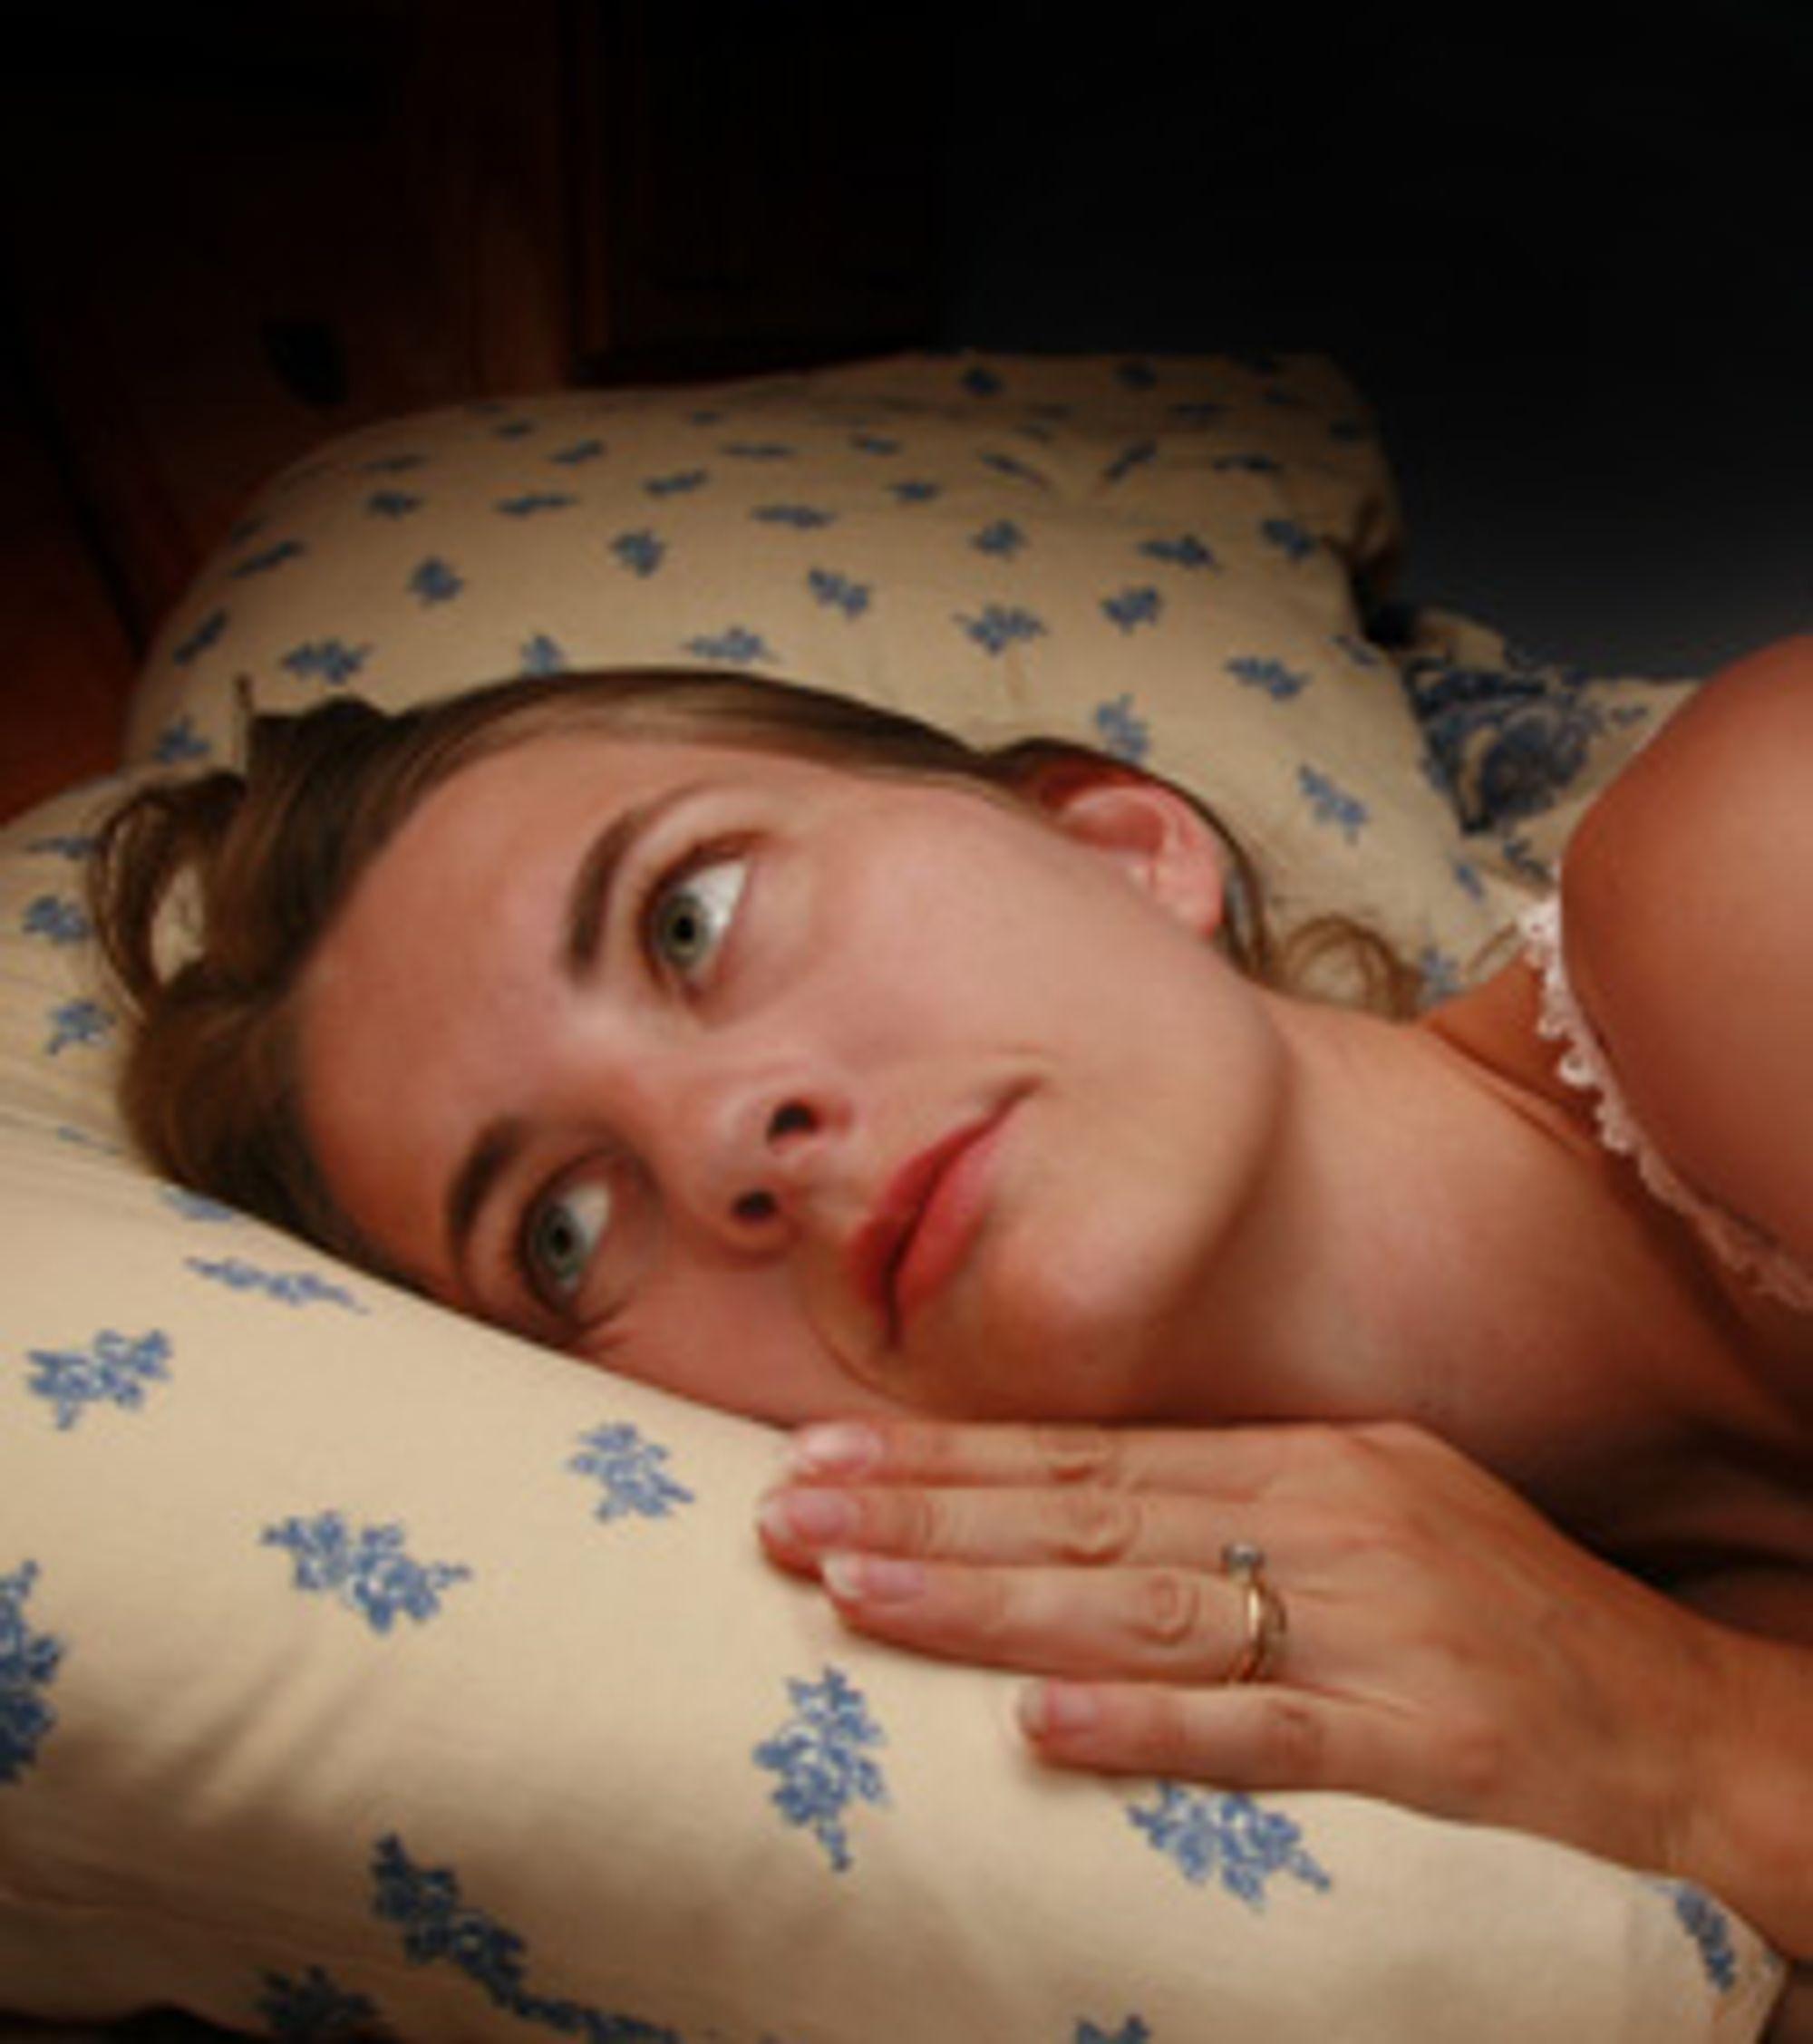 Yngre mennesker blir søvnløs av mobilbruk, ifølge en undersøkelse. (Foto: Istockphoto / Sharon Dominick)